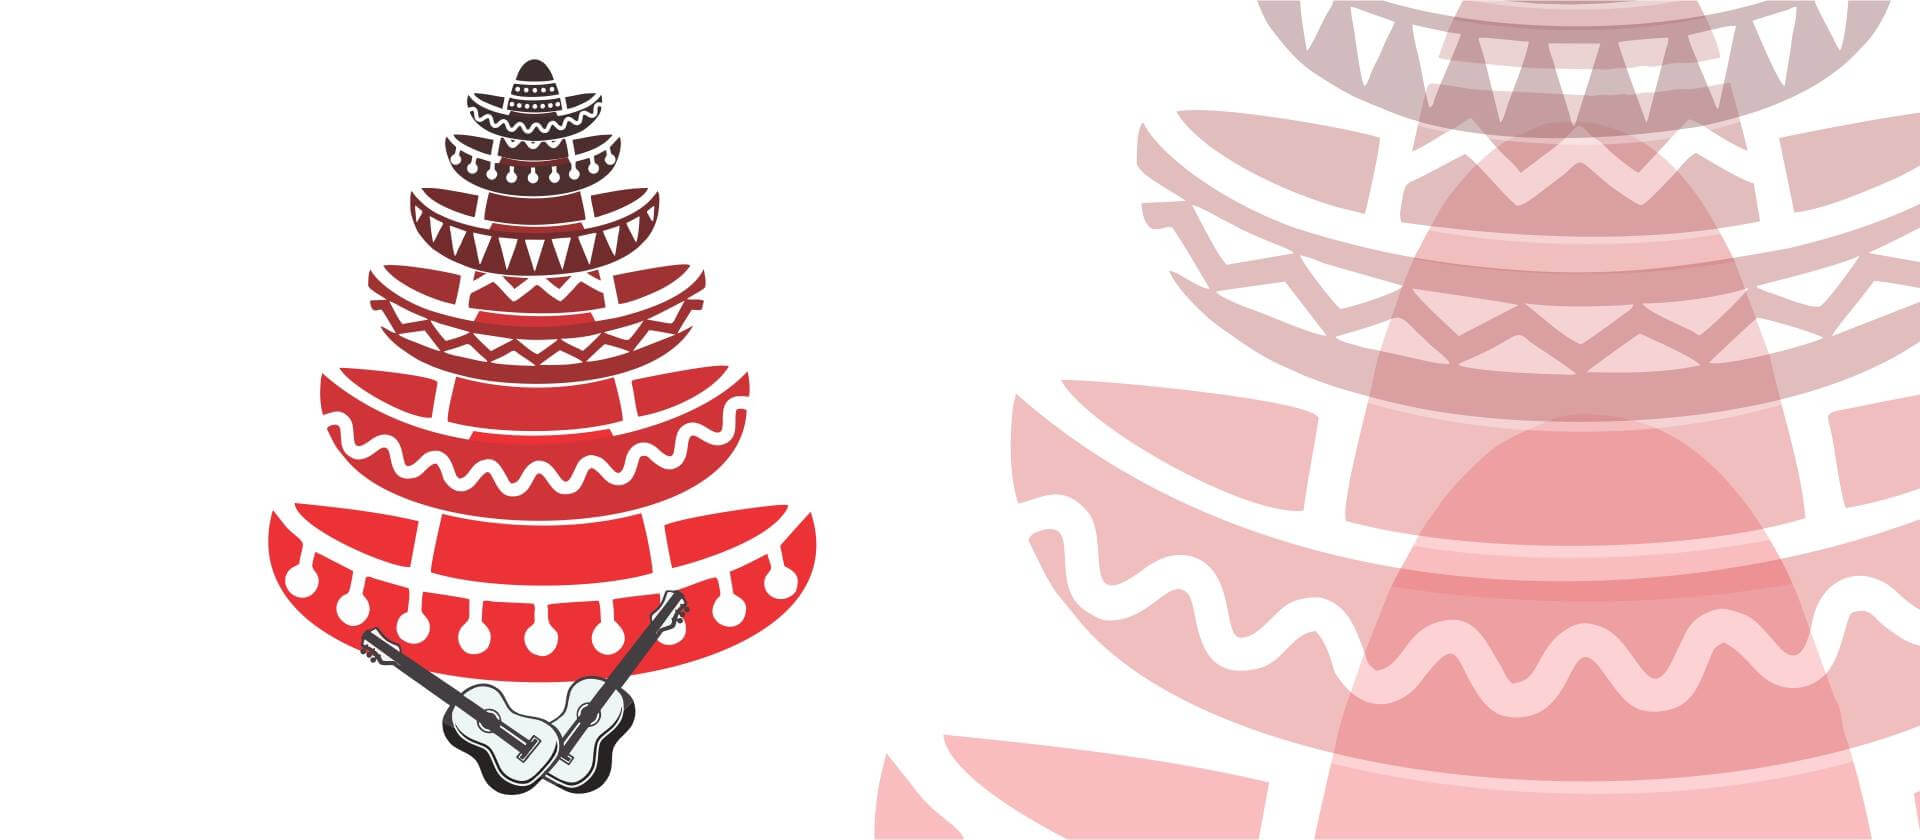 Noul An se sărbătorește cu MARIACHI la Operă!  SERBĂRILE IERNII, o Gală de muzică mexicană strălucitoare!